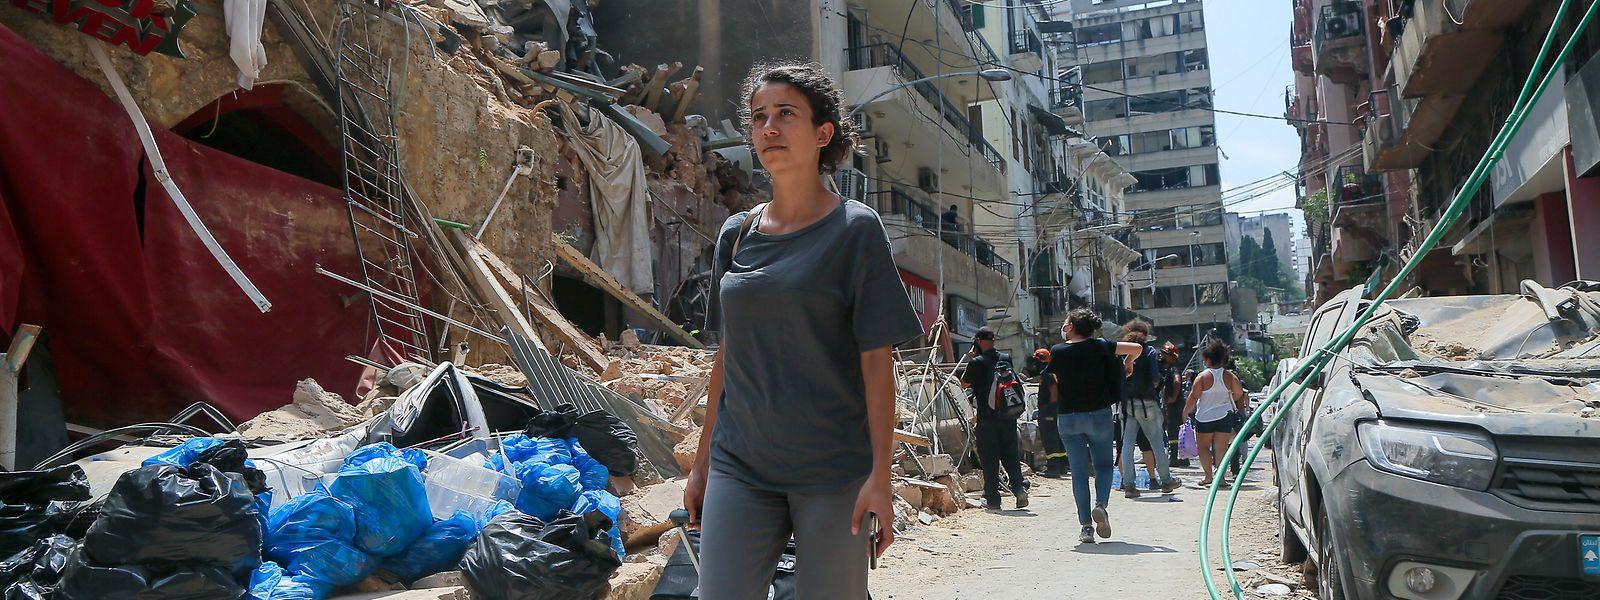 Des quartiers ont été complètement détruits obligeant les habitants à prendre le chemin de l'exil.